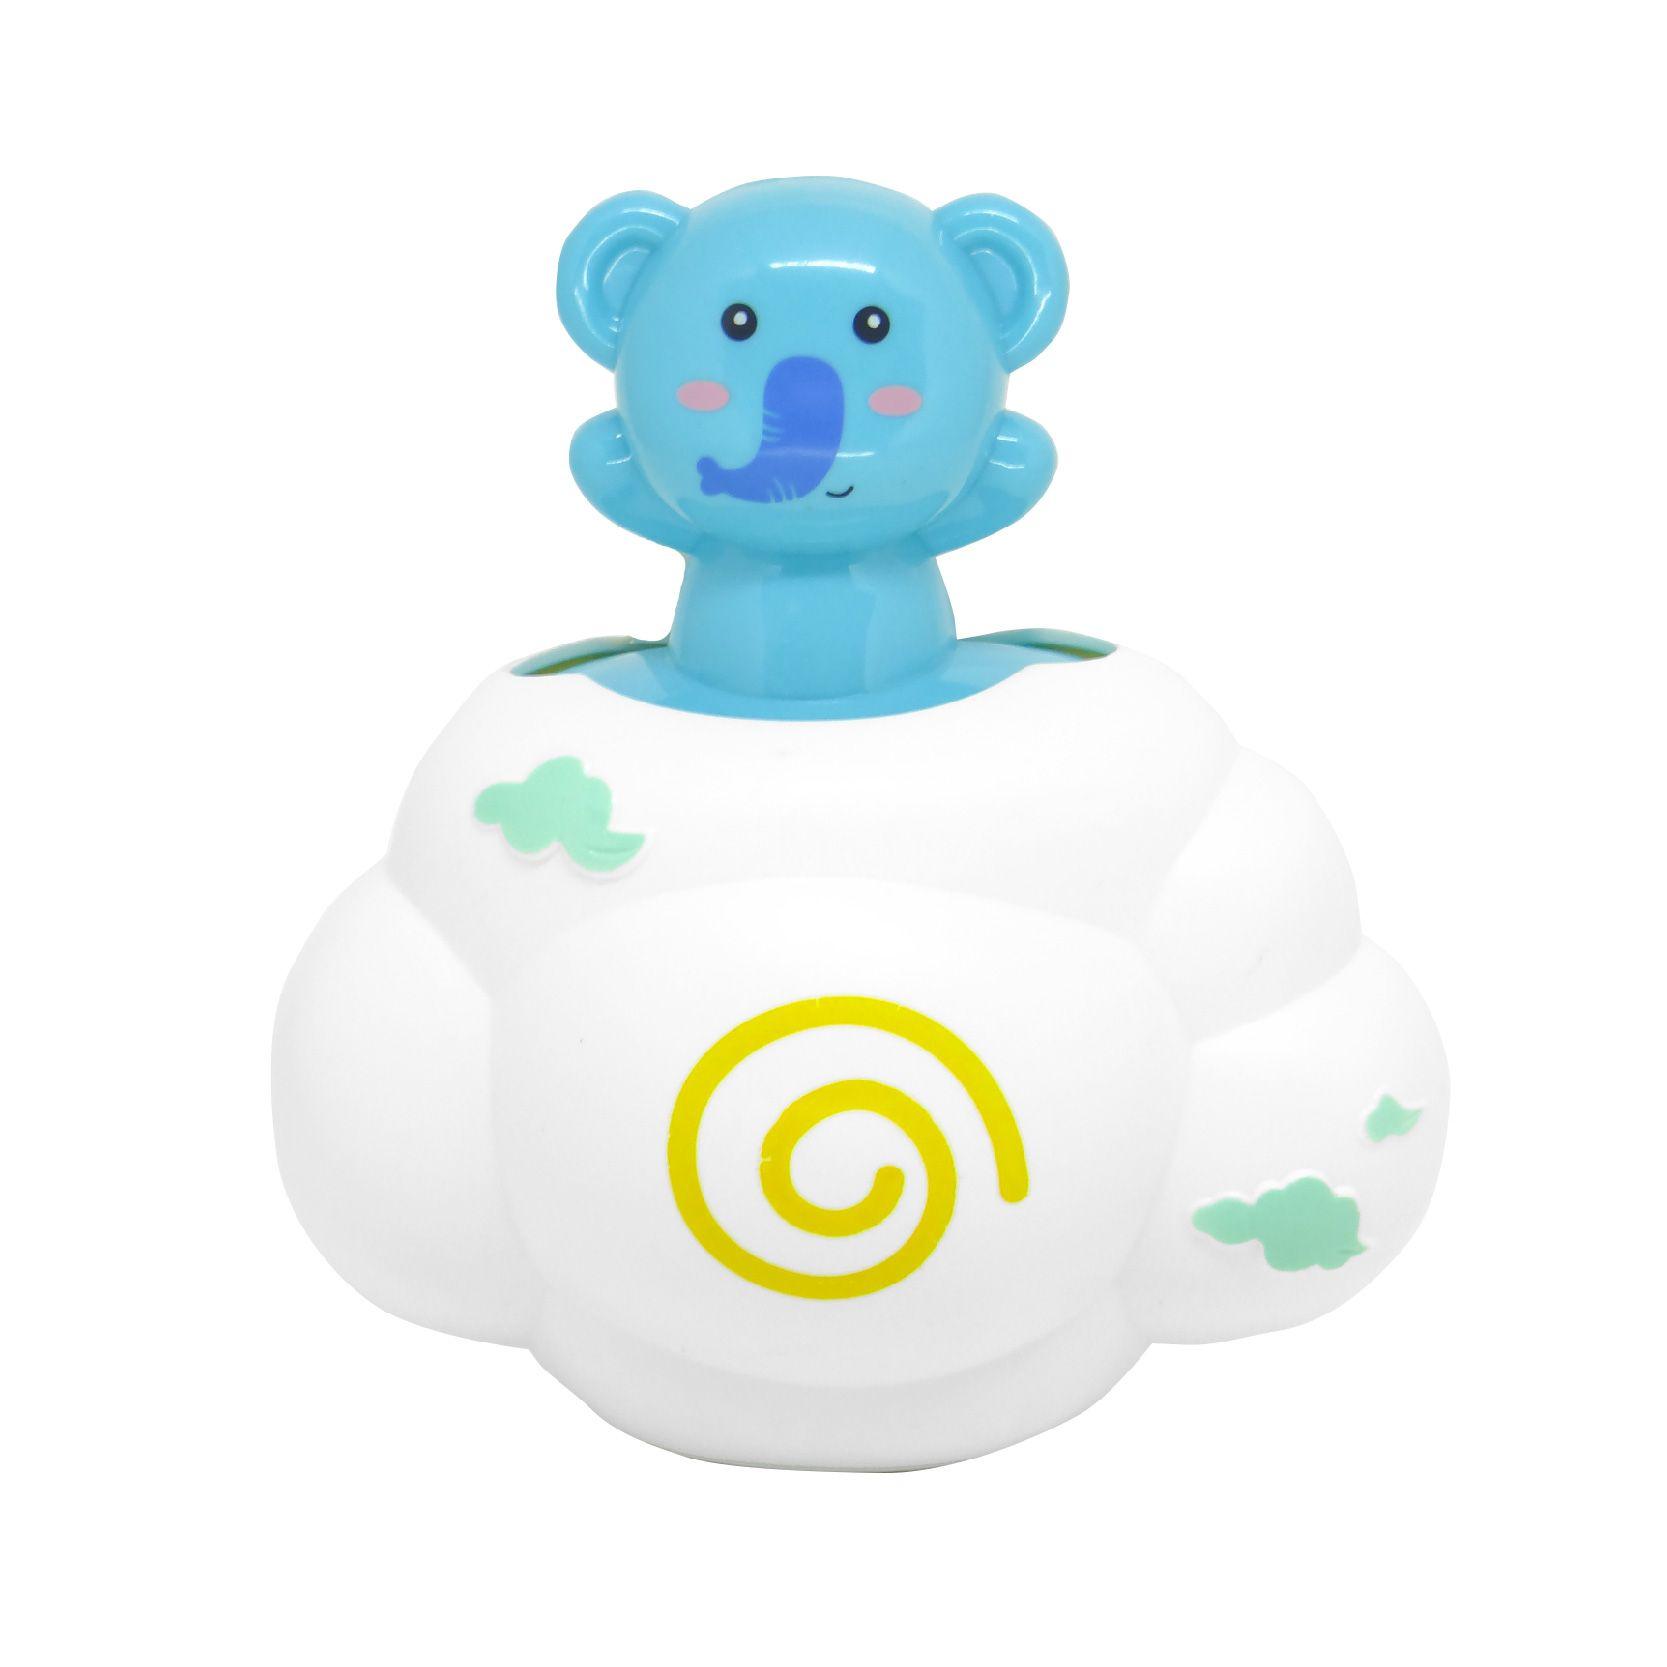 Brinquedo para Banho - Azul (chuveirinho)-0941